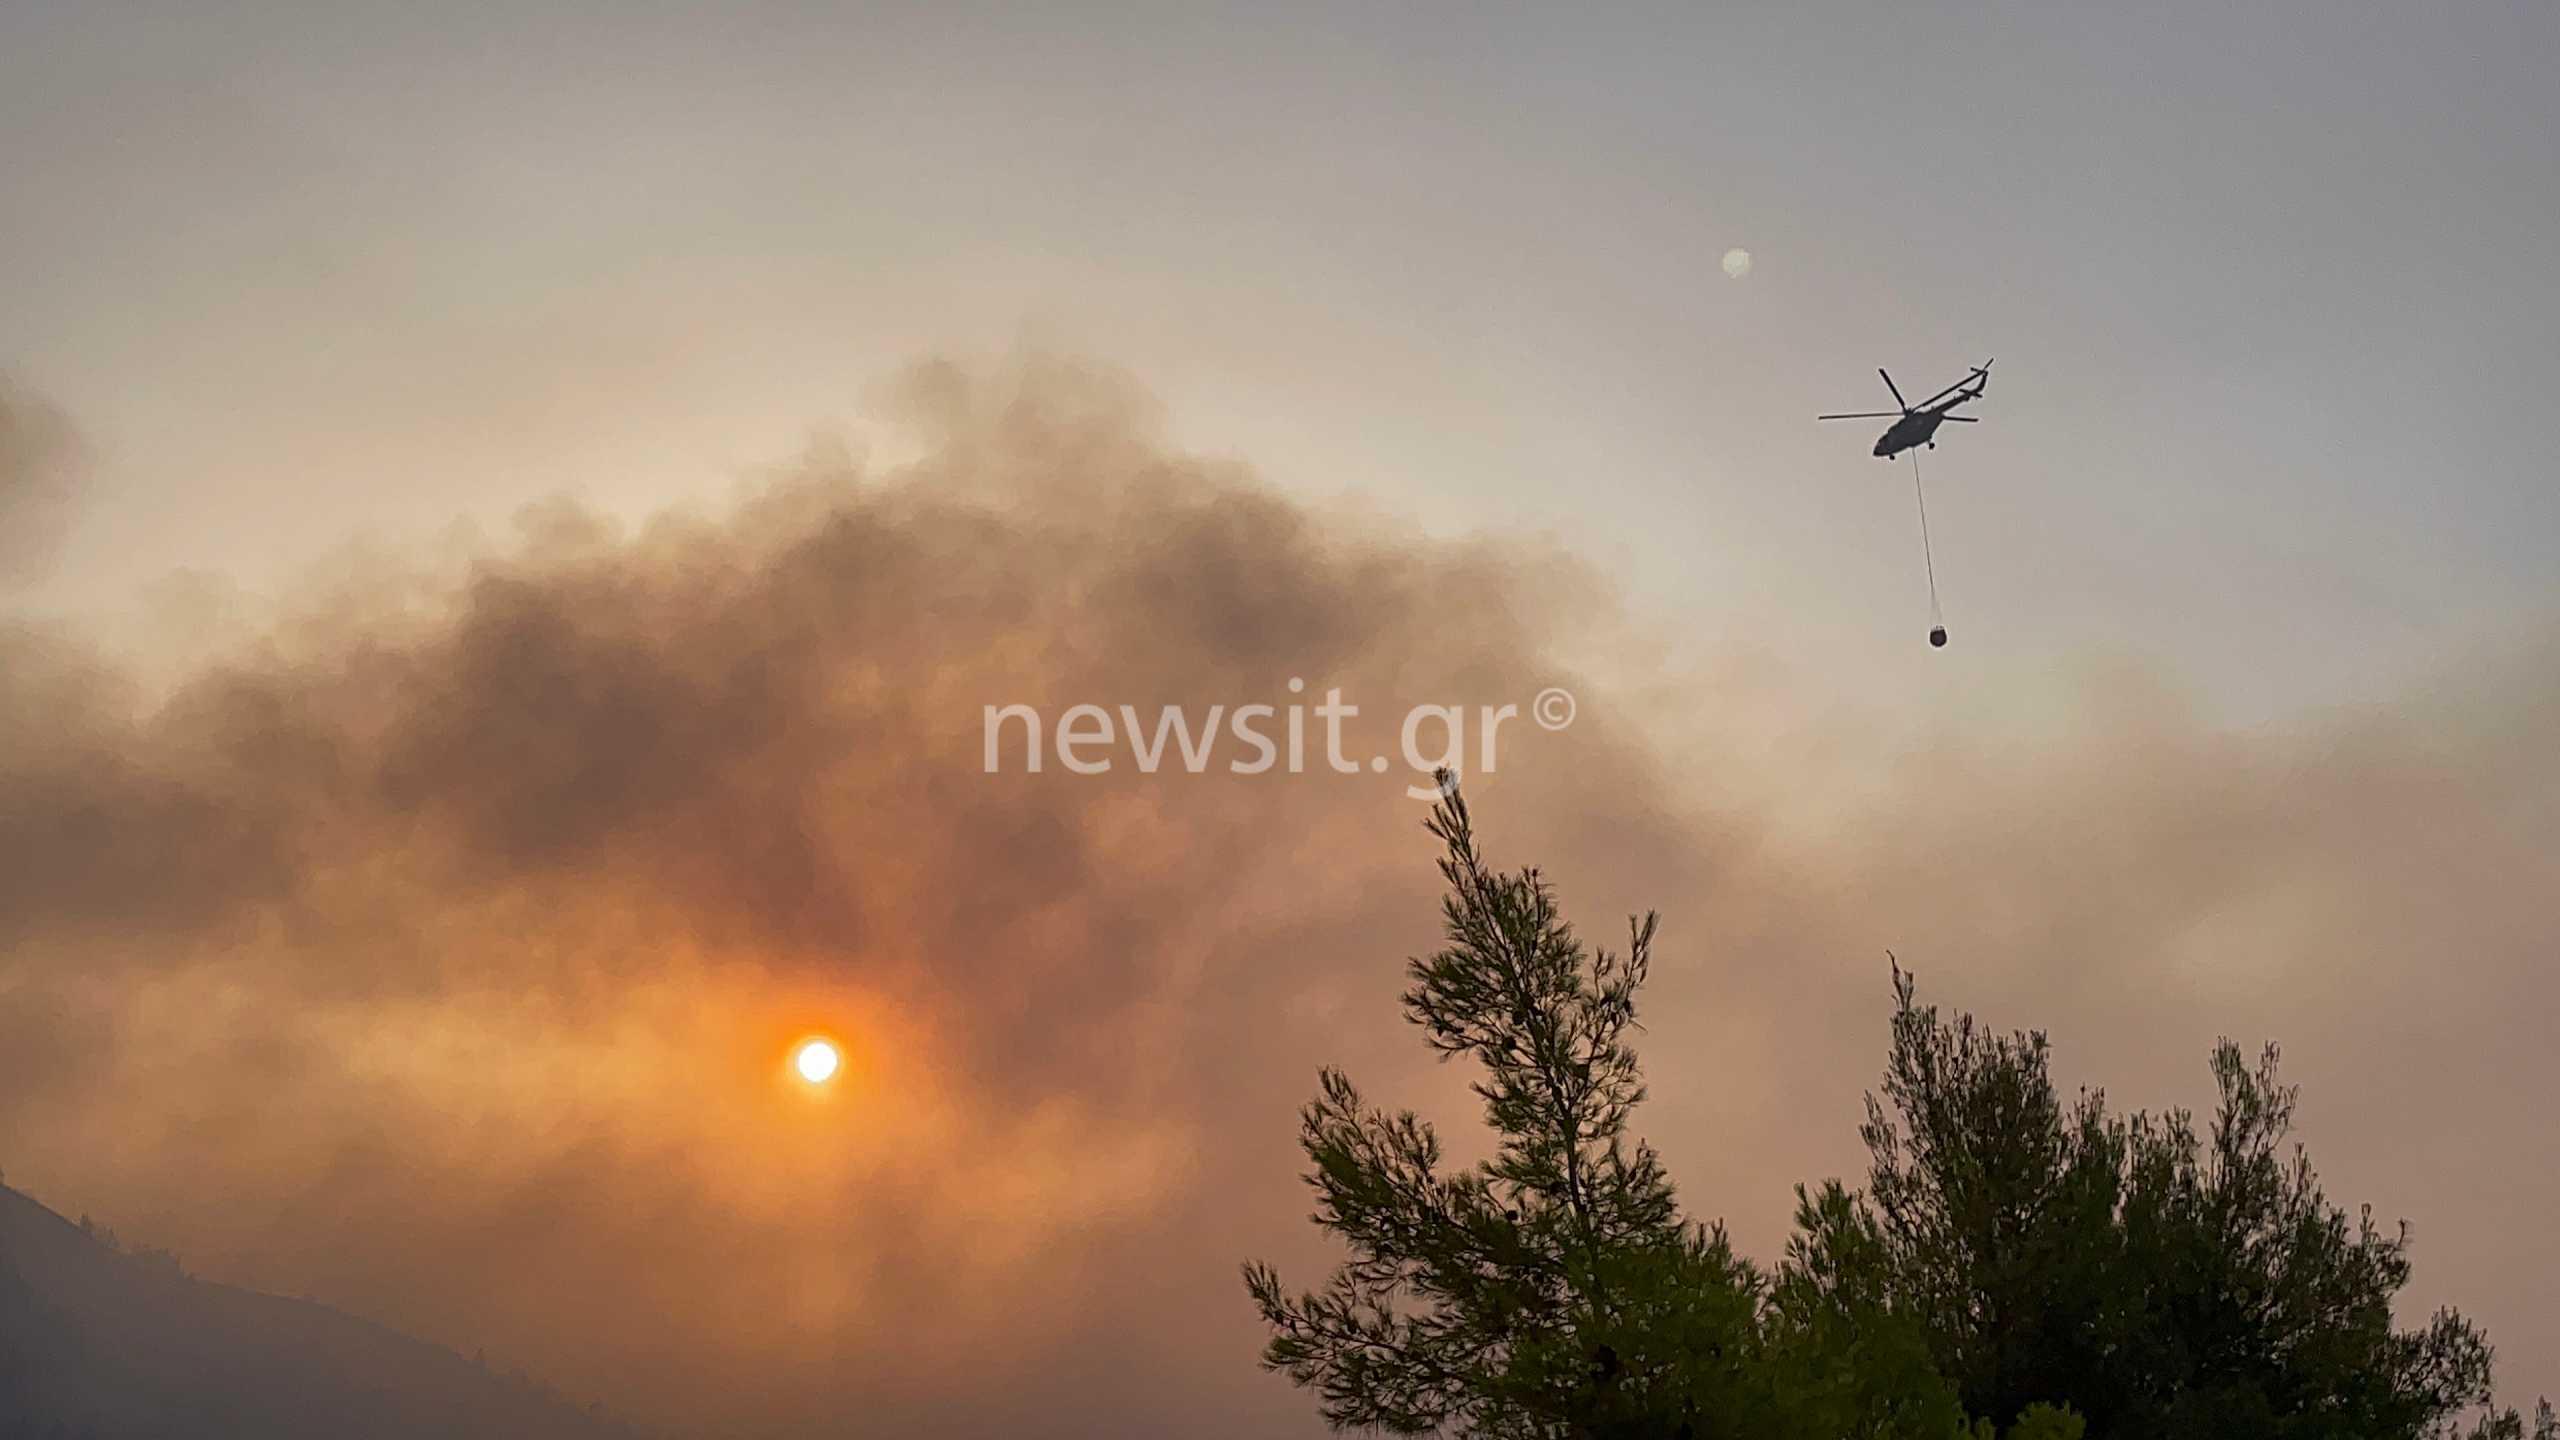 Φωτιά στην Εύβοια: Εκκένωση άλλων τριών χωριών – Χτυπούν καμπάνες για να εγκαταλείψουν οι κάτοικοι τα σπίτια